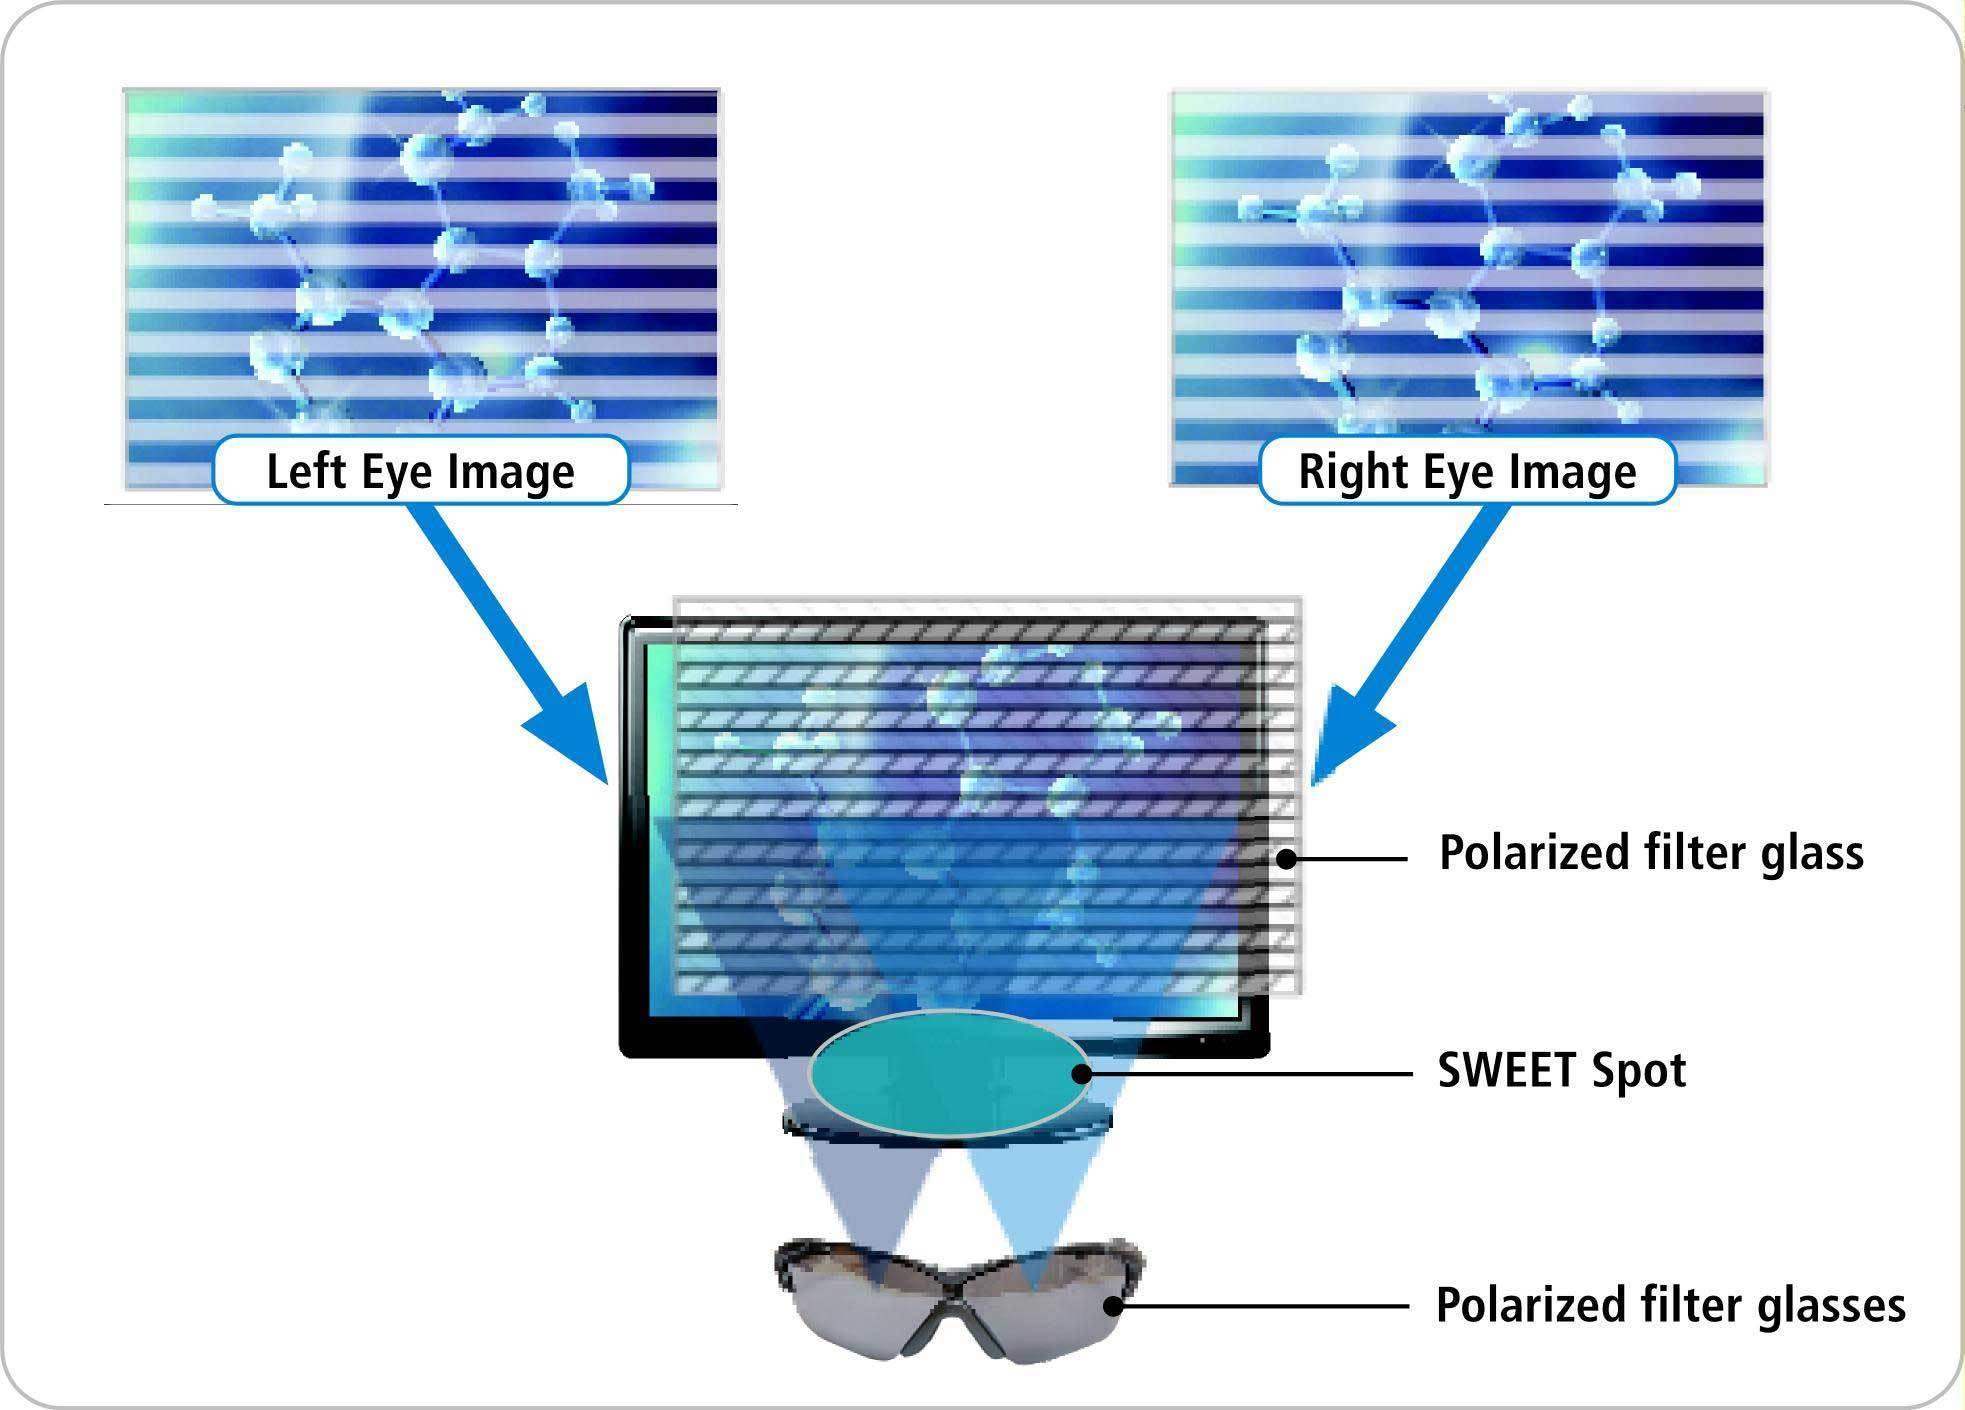 Как видно из приведенной схемы работы этих мониторов, для получения объемного изображения необходимы поляризационные...